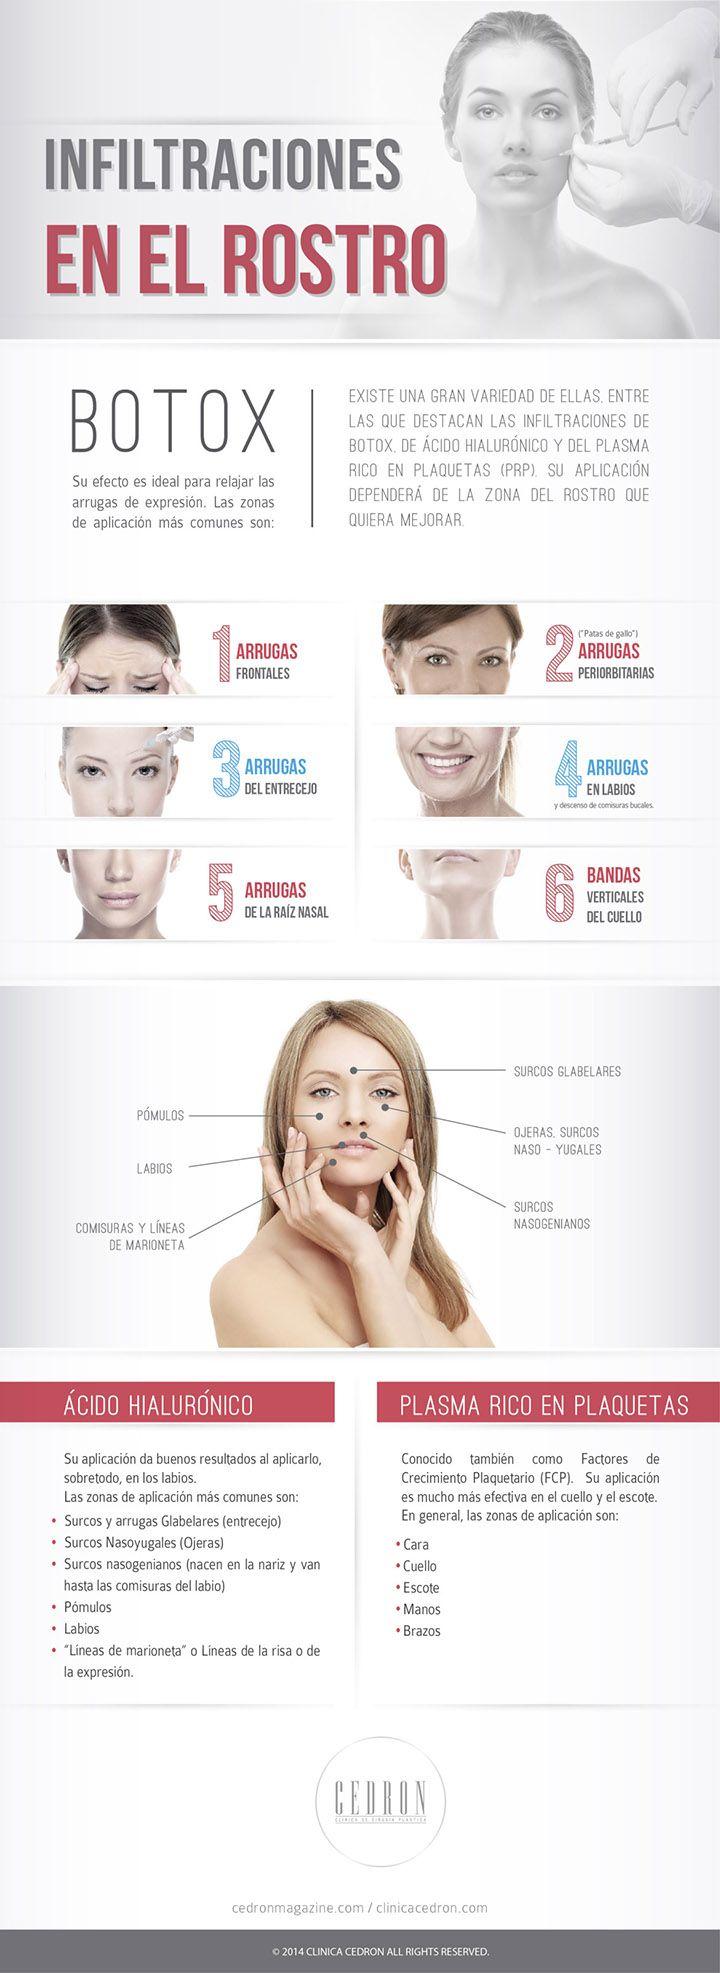 Las infiltraciones de bótox, ácido hialurónico y plasma. #infografía #bótox #belleza